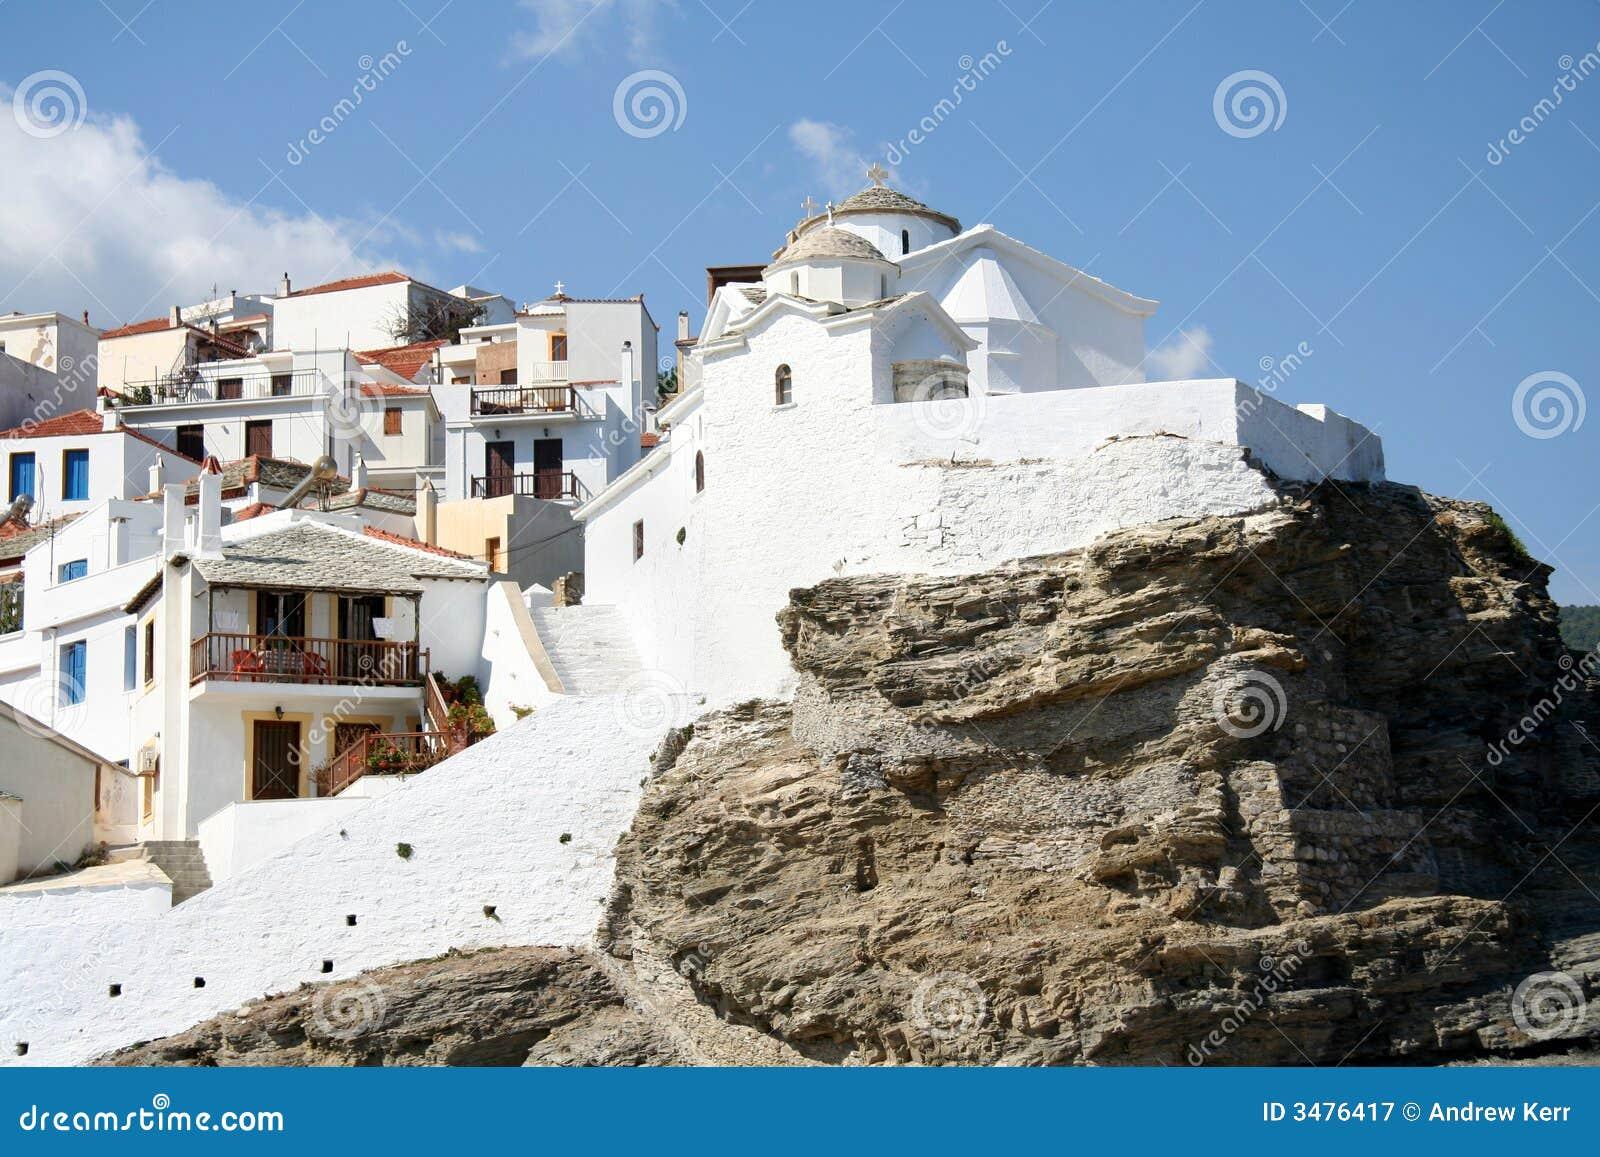 Hilltop church in Skopelos